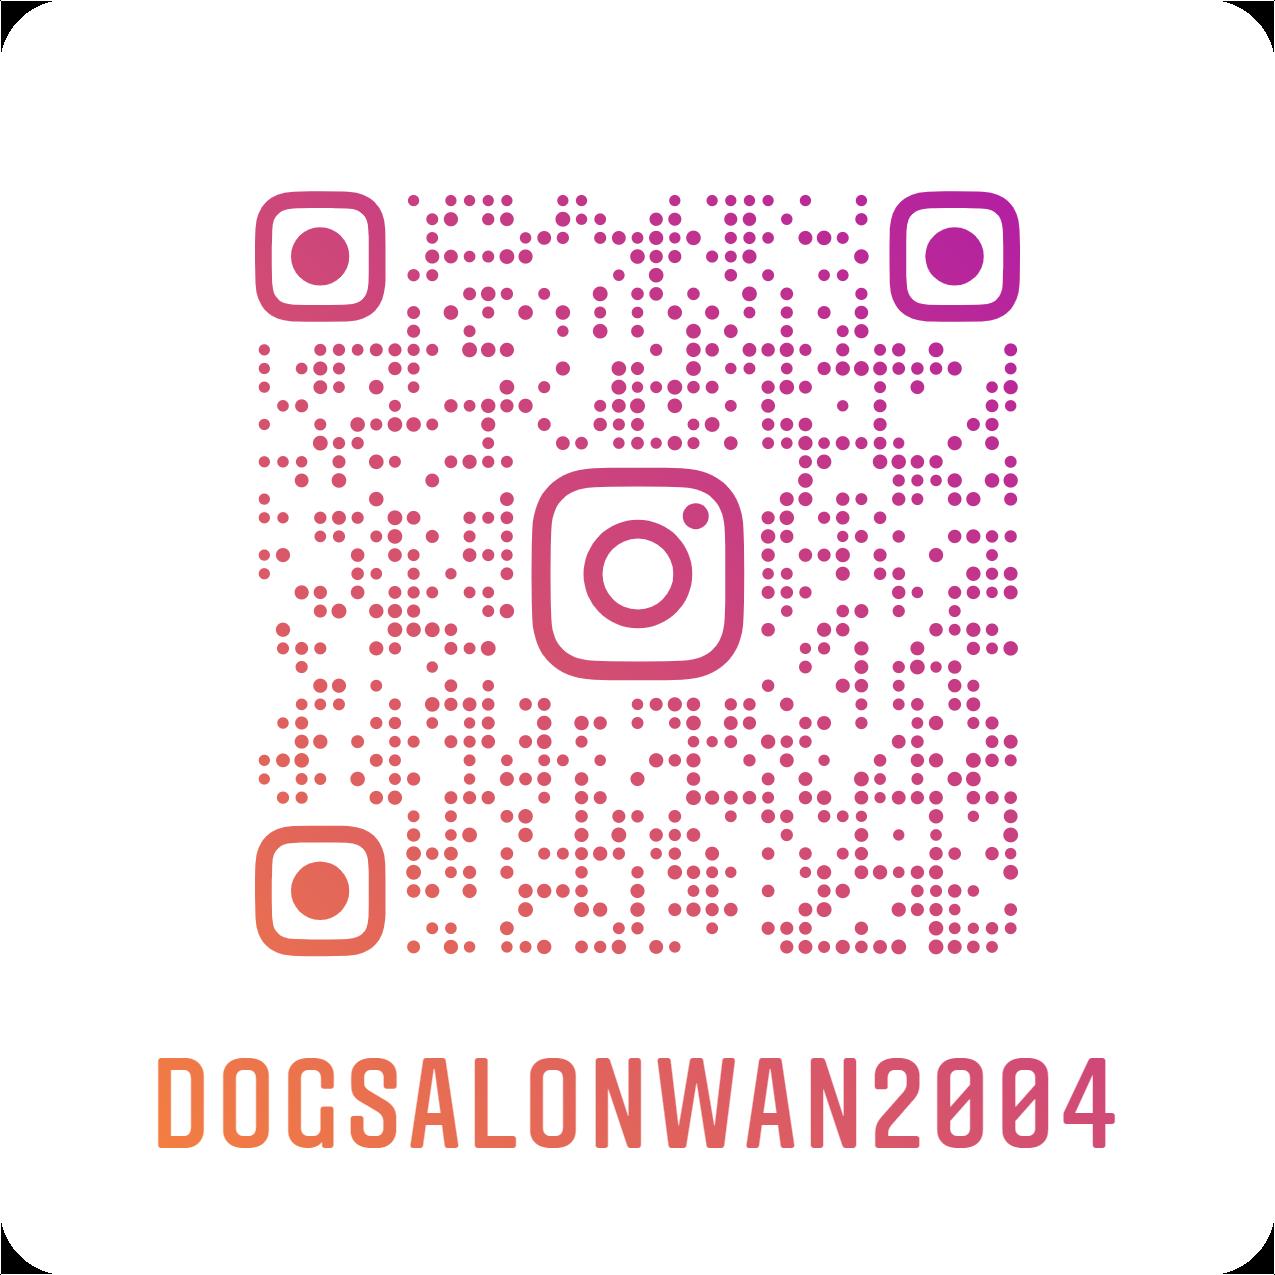 dogsalonwan2004_nametag_20210523170818151.png